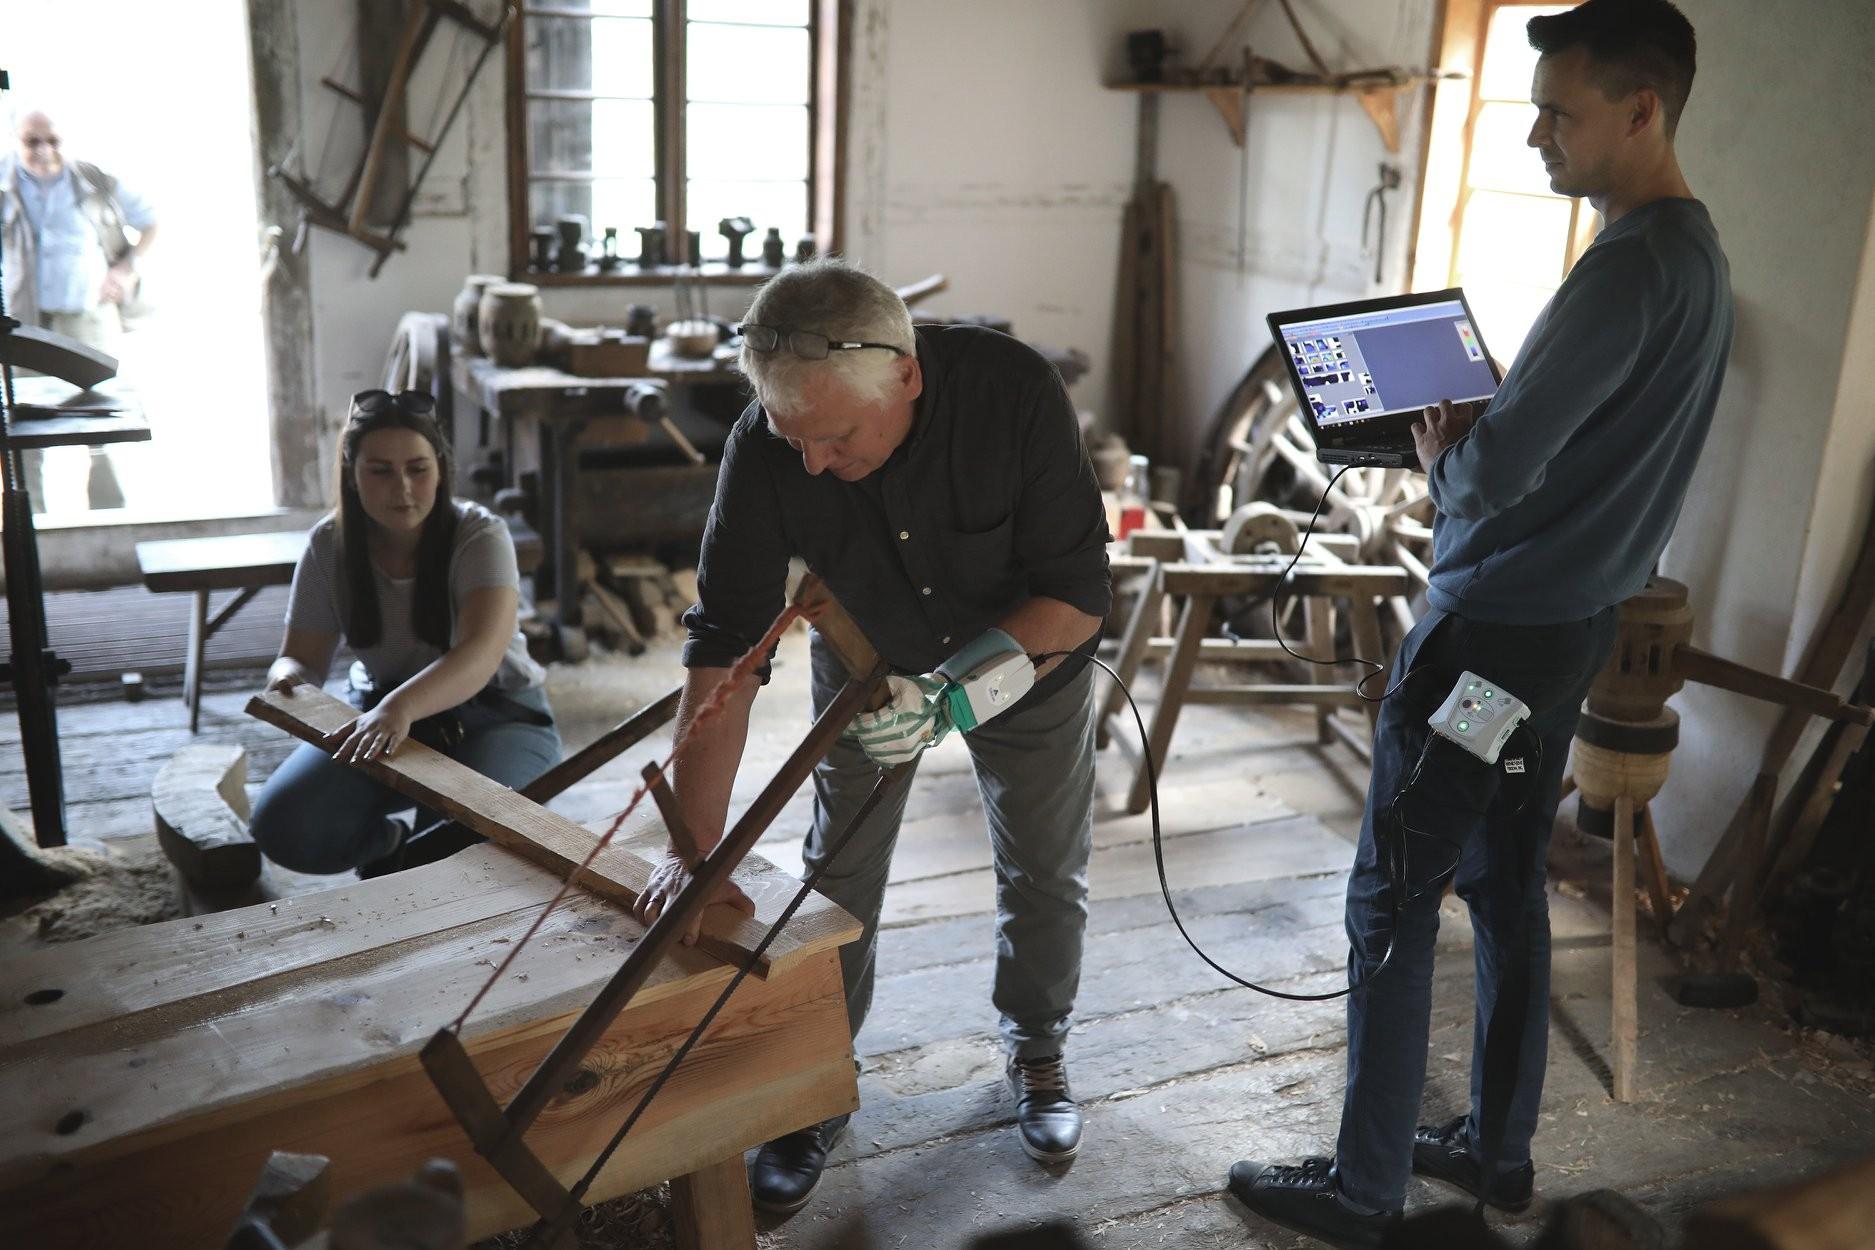 Czy osiemnastowieczne narzędzia były ergonomiczne? Sprawdziliśmy.